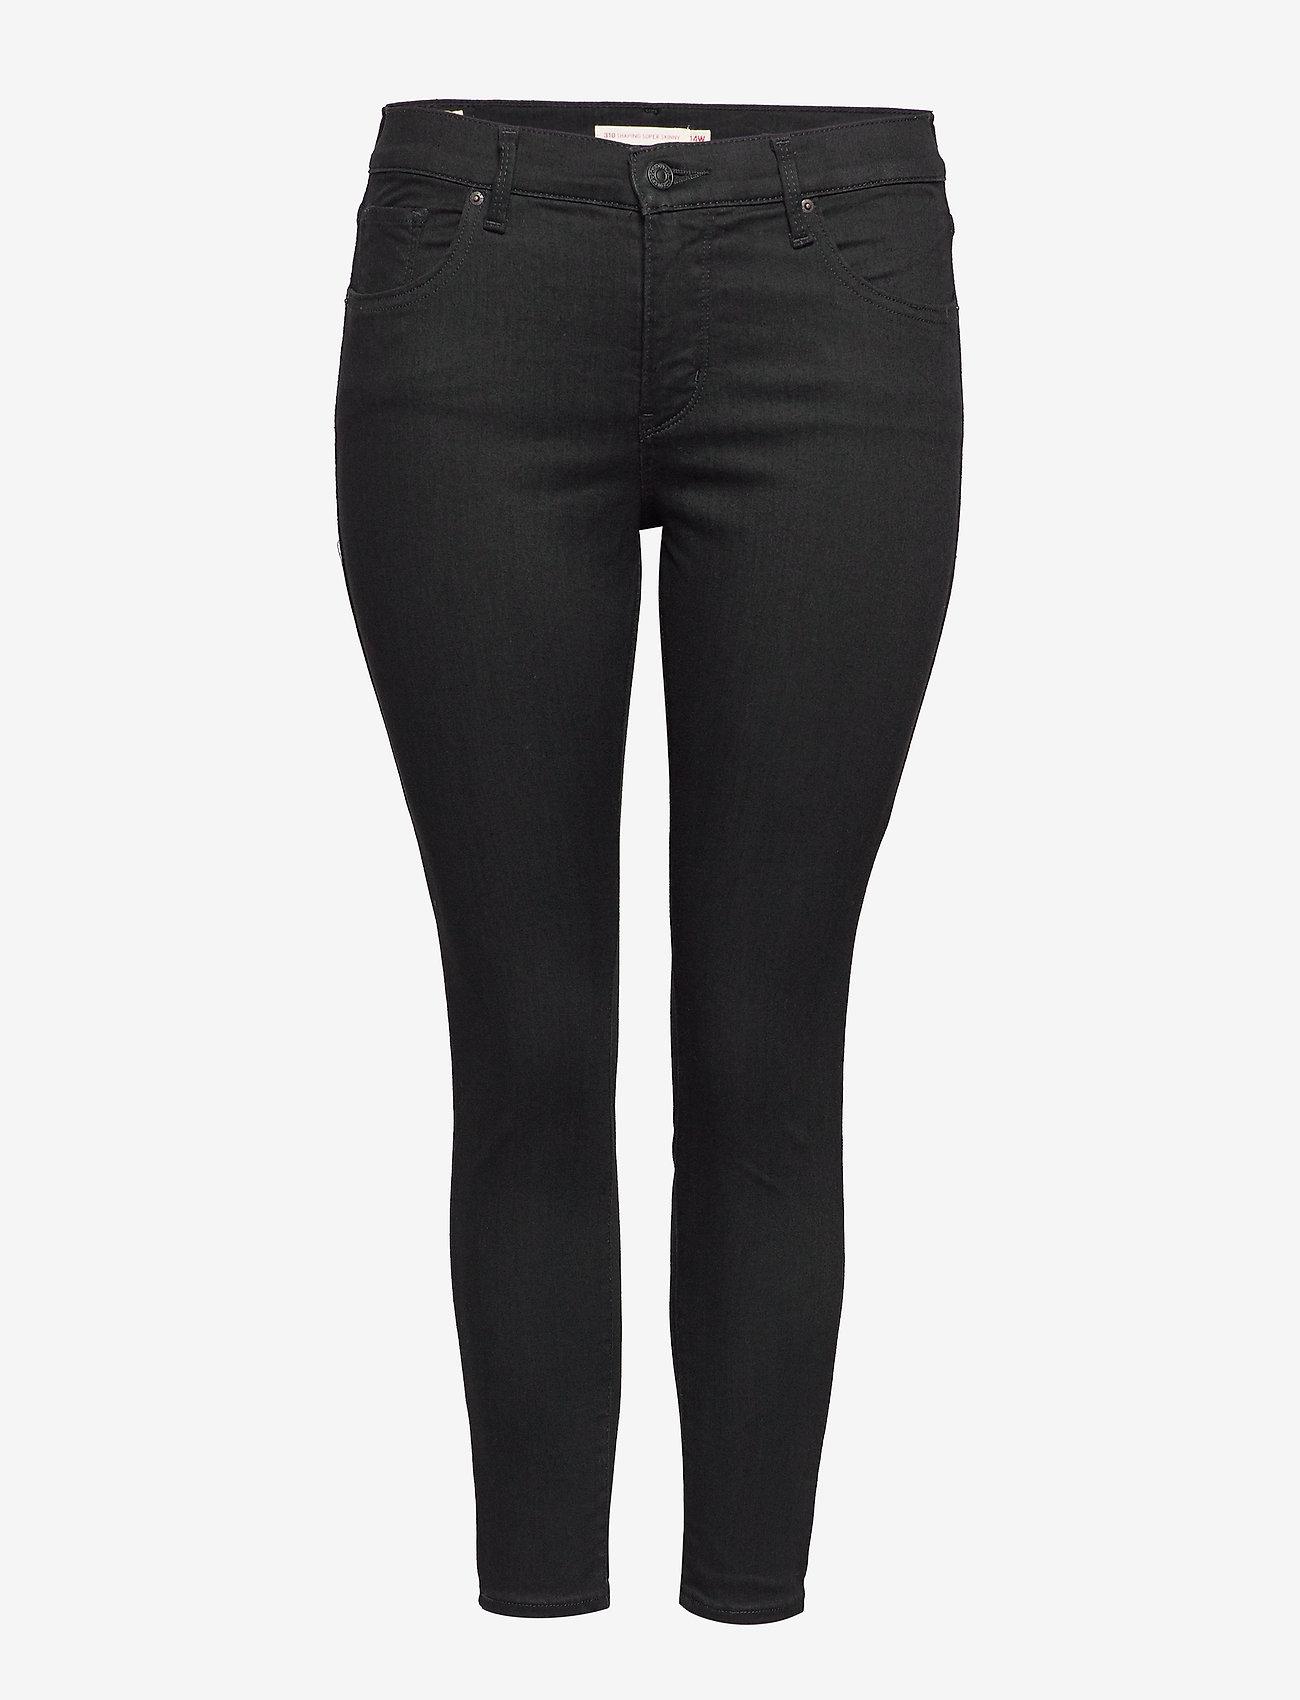 Levi's Plus Size - 310 PL SHPING SPR SKINNY BLACK - broeken med skinny fit - blacks - 0